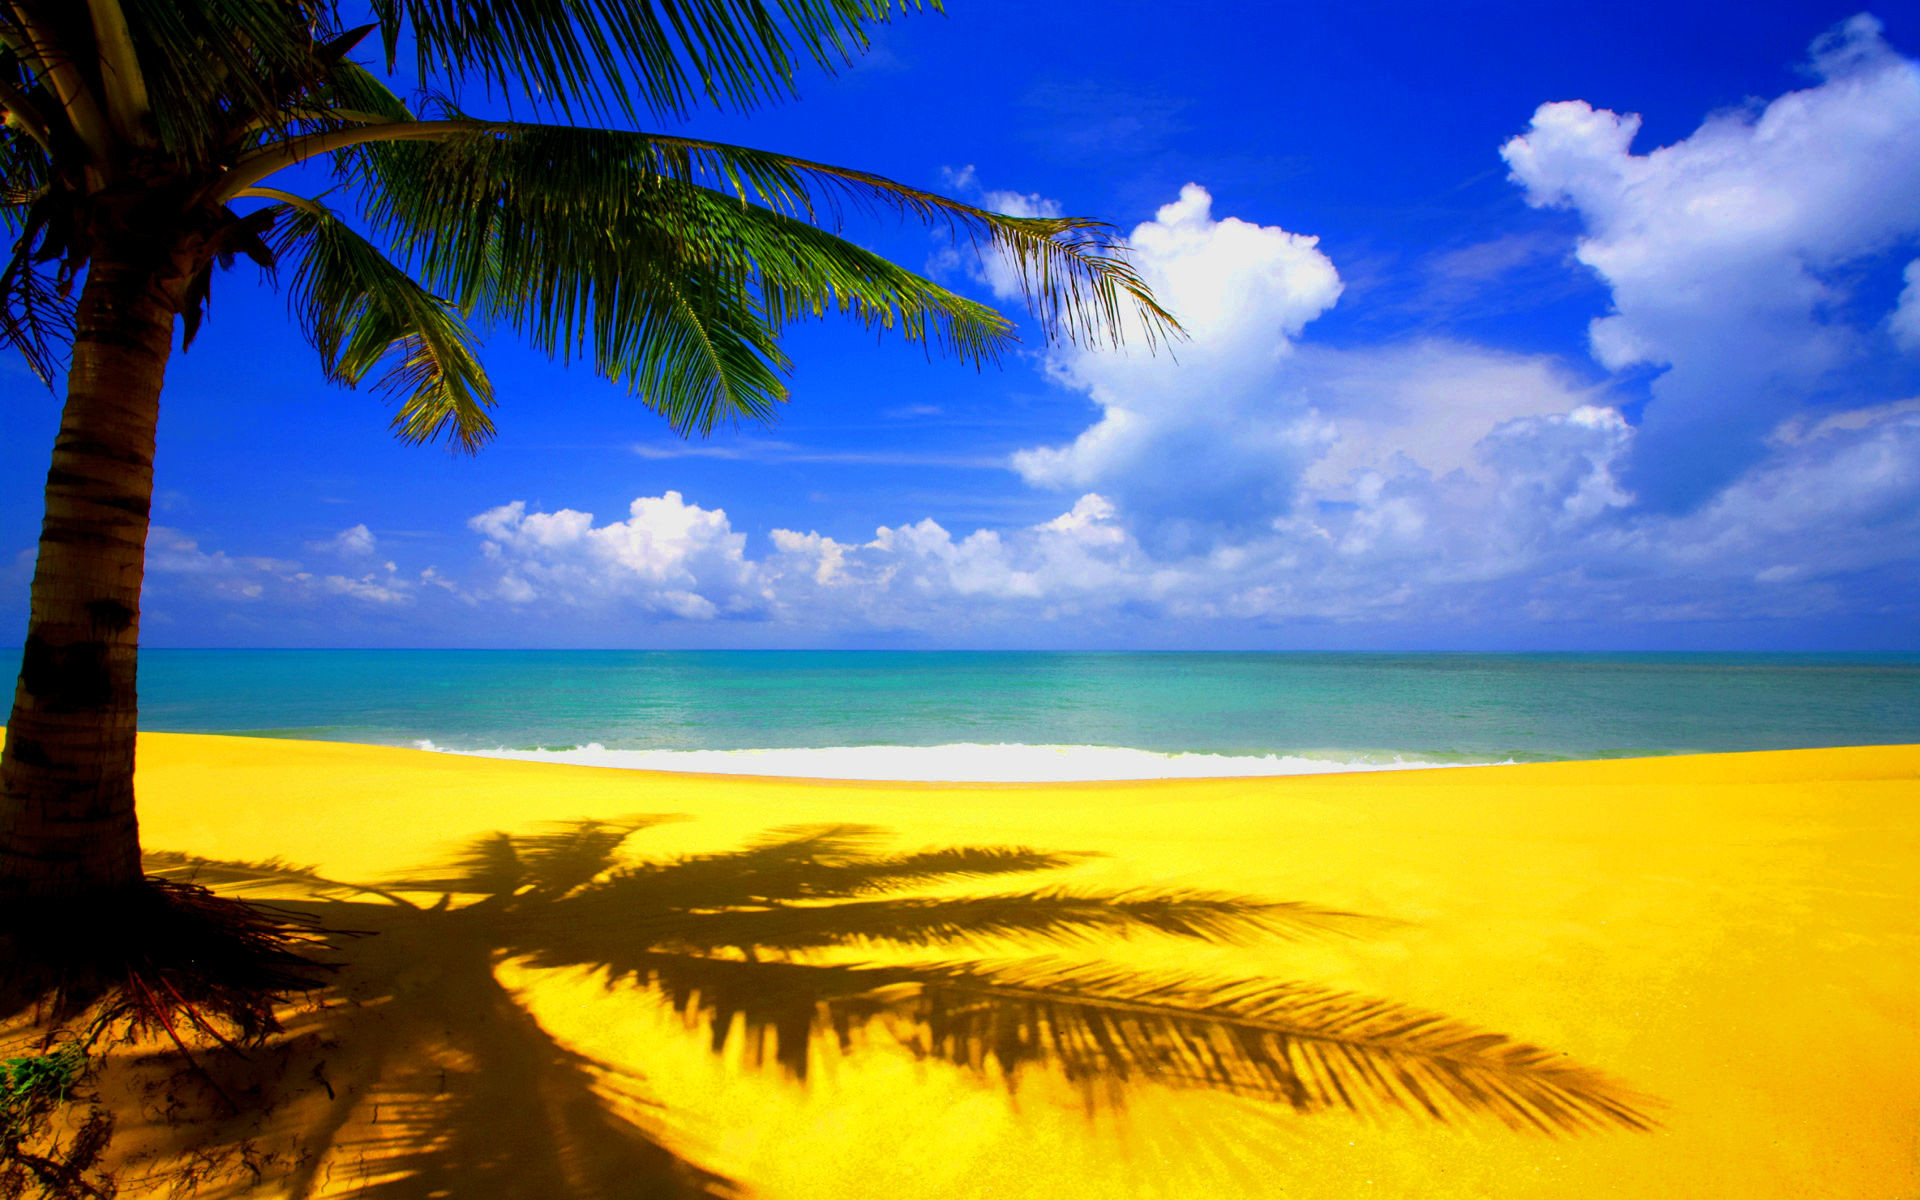 Summer Wallpaper 1080p (70+ images) 1080p Wallpaper Summer